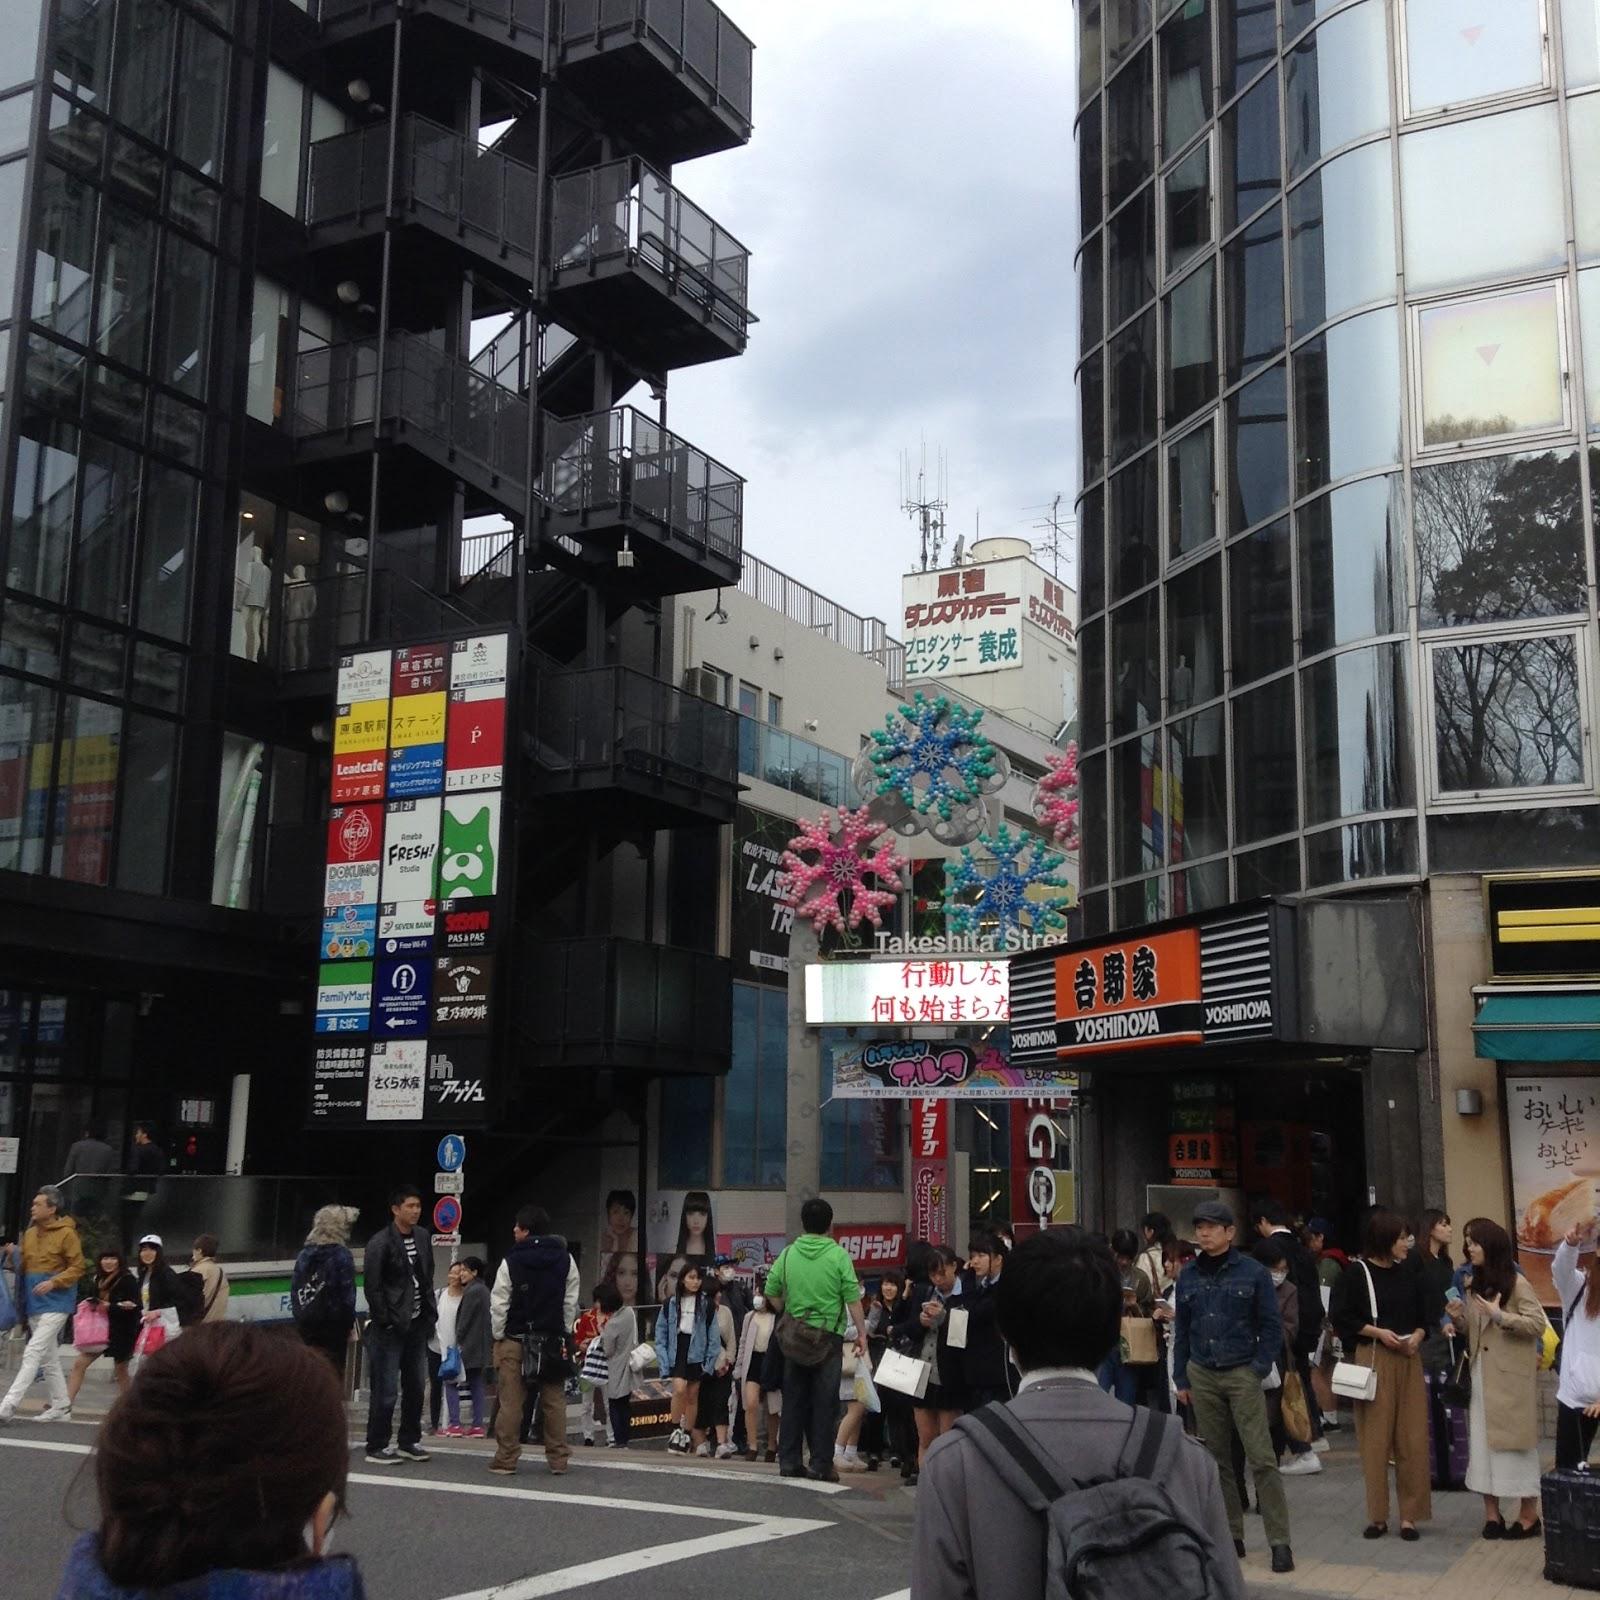 Takeshita Dori Harajuku